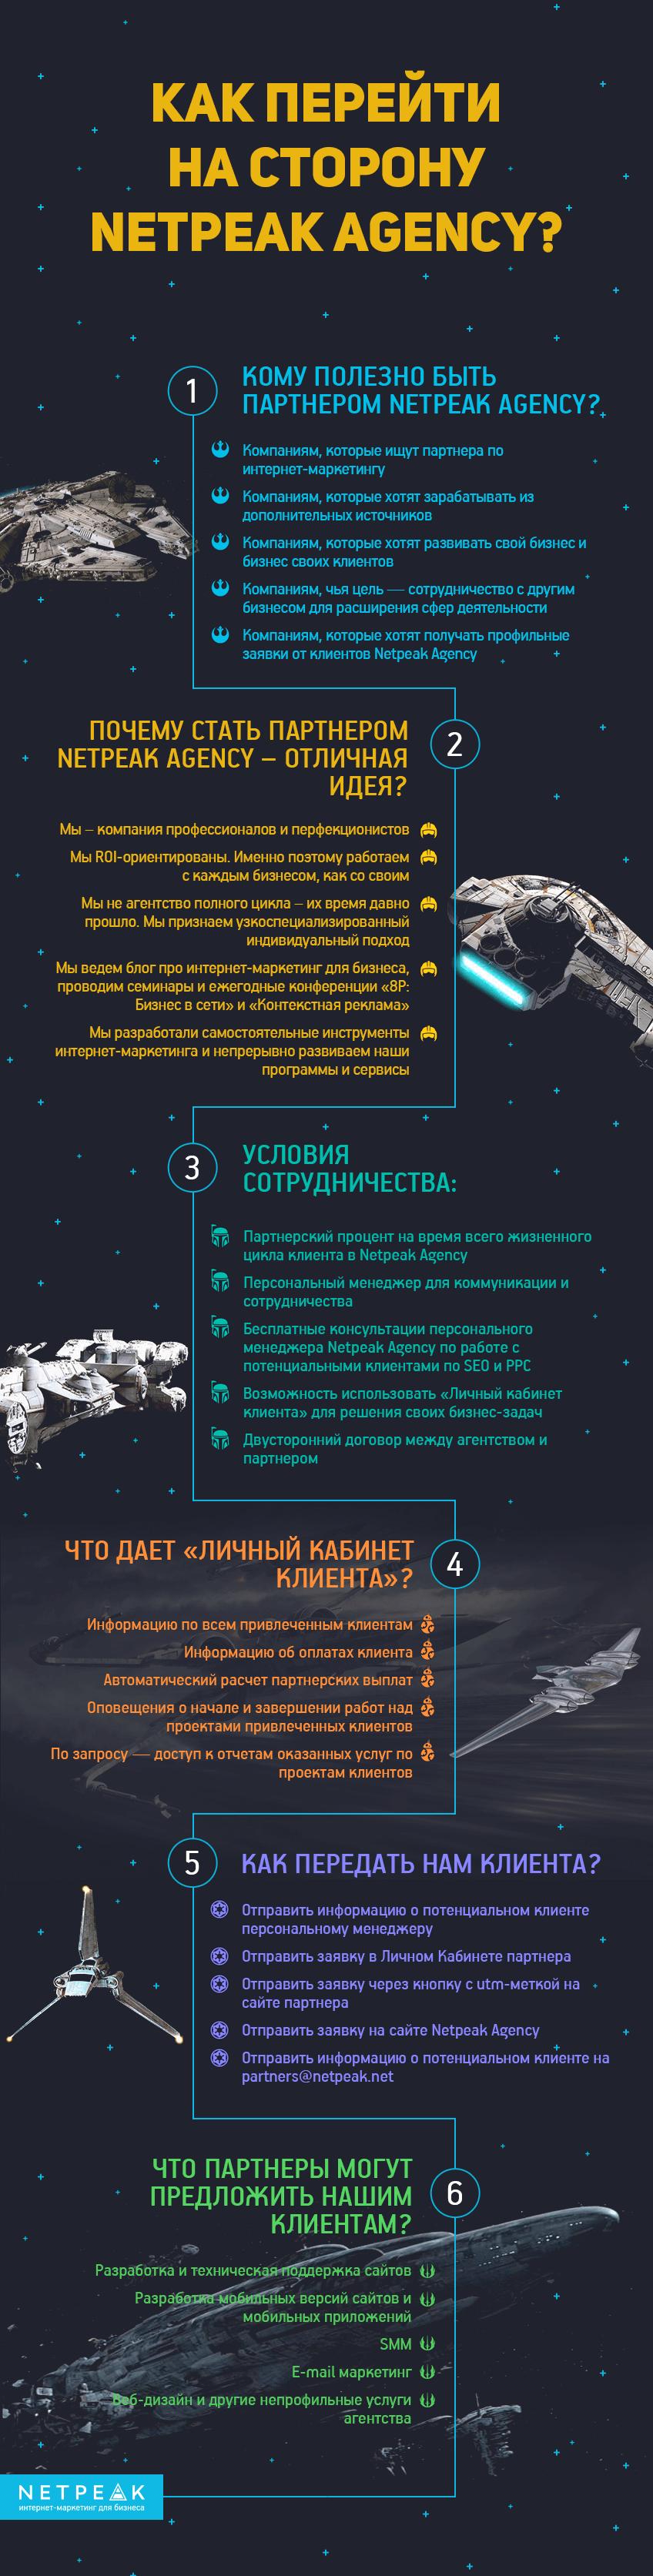 Как стать партнером агентства Netpeak — инфографика